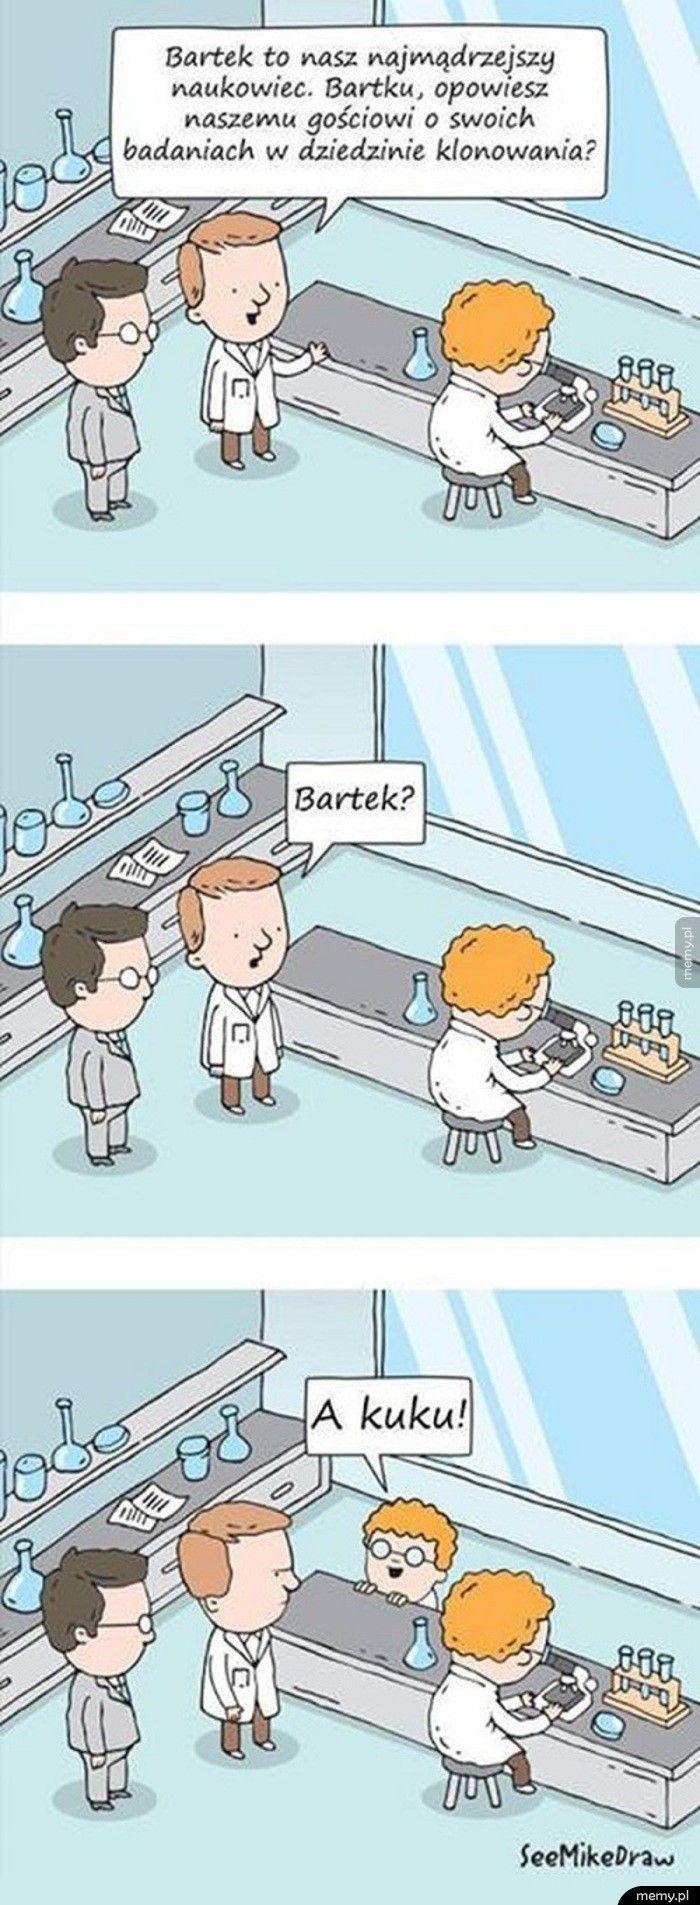 Bartek - najmądrzejszy naukowiec